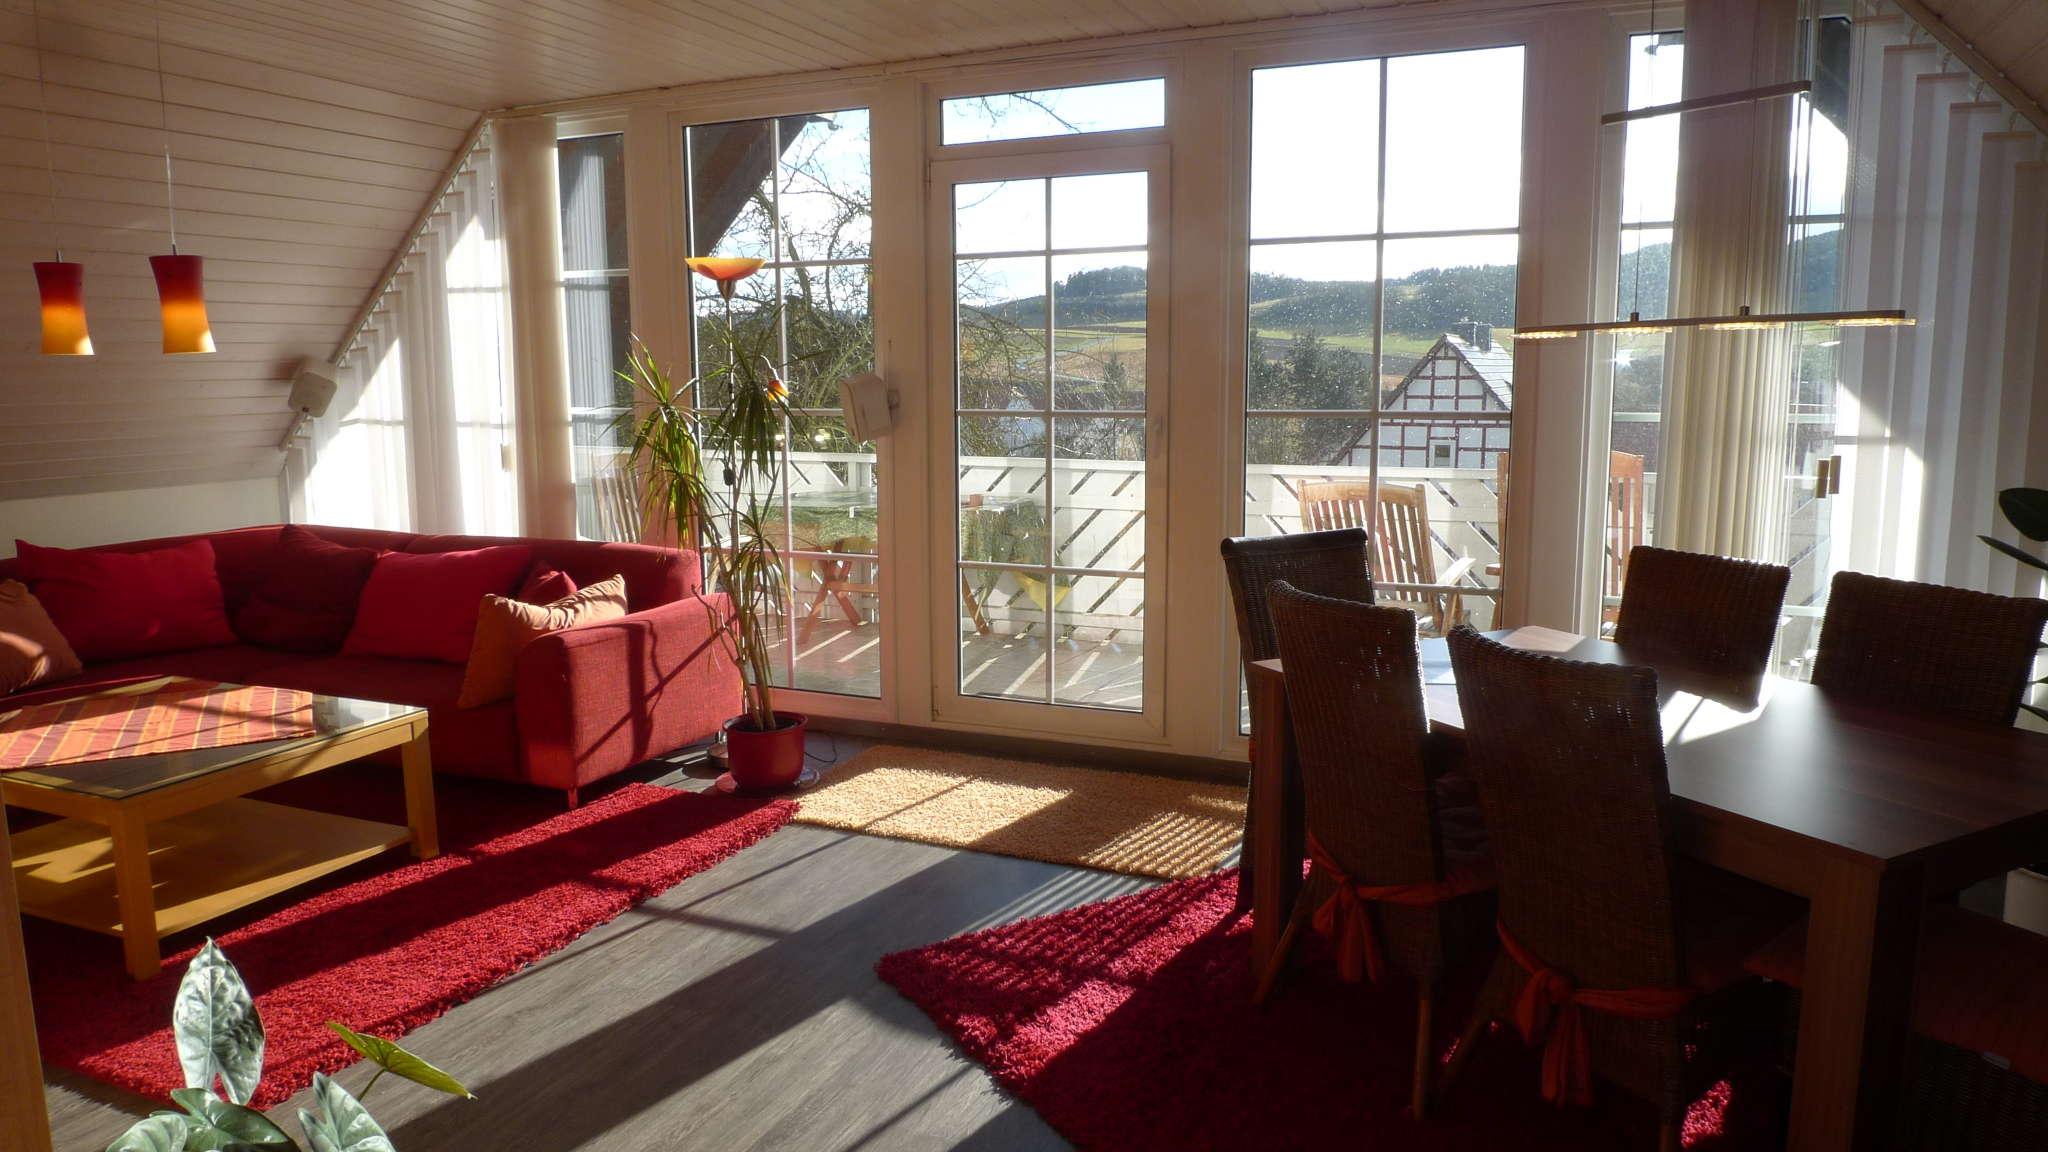 Blick ins Wohnzimmer mit Panoramafenster